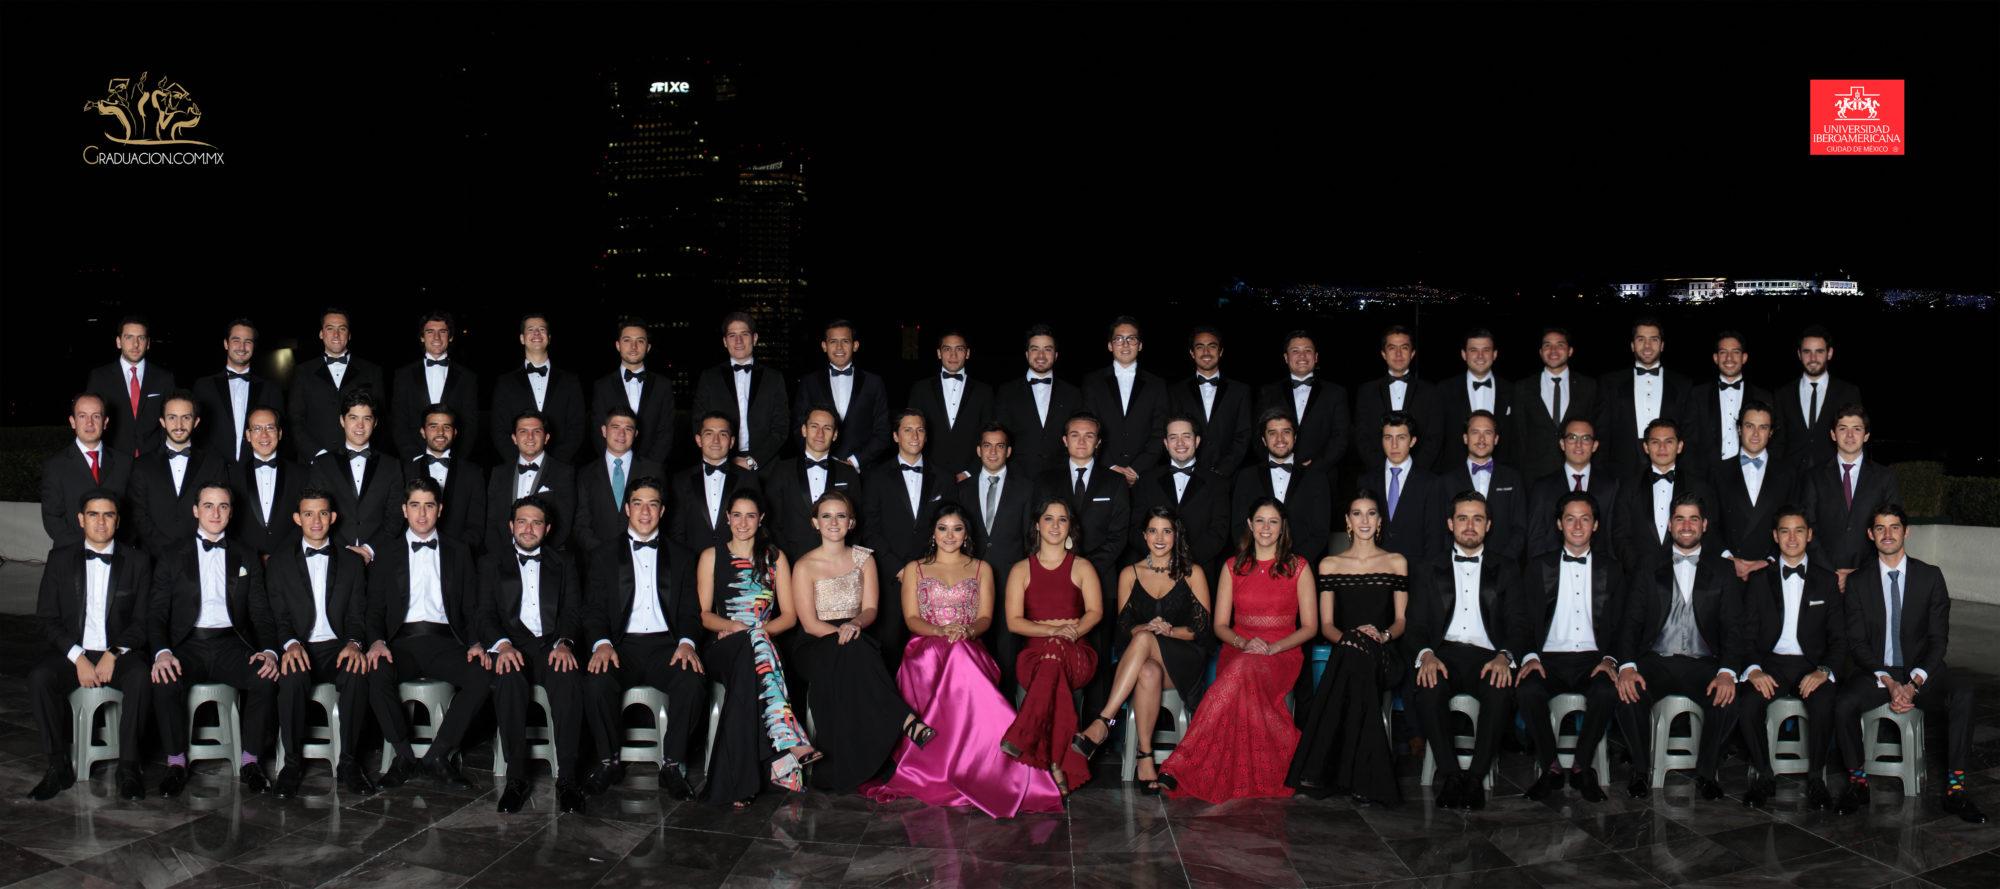 graduaciones-ibero-negocios-internacionales-hilton-santa-fe-2016